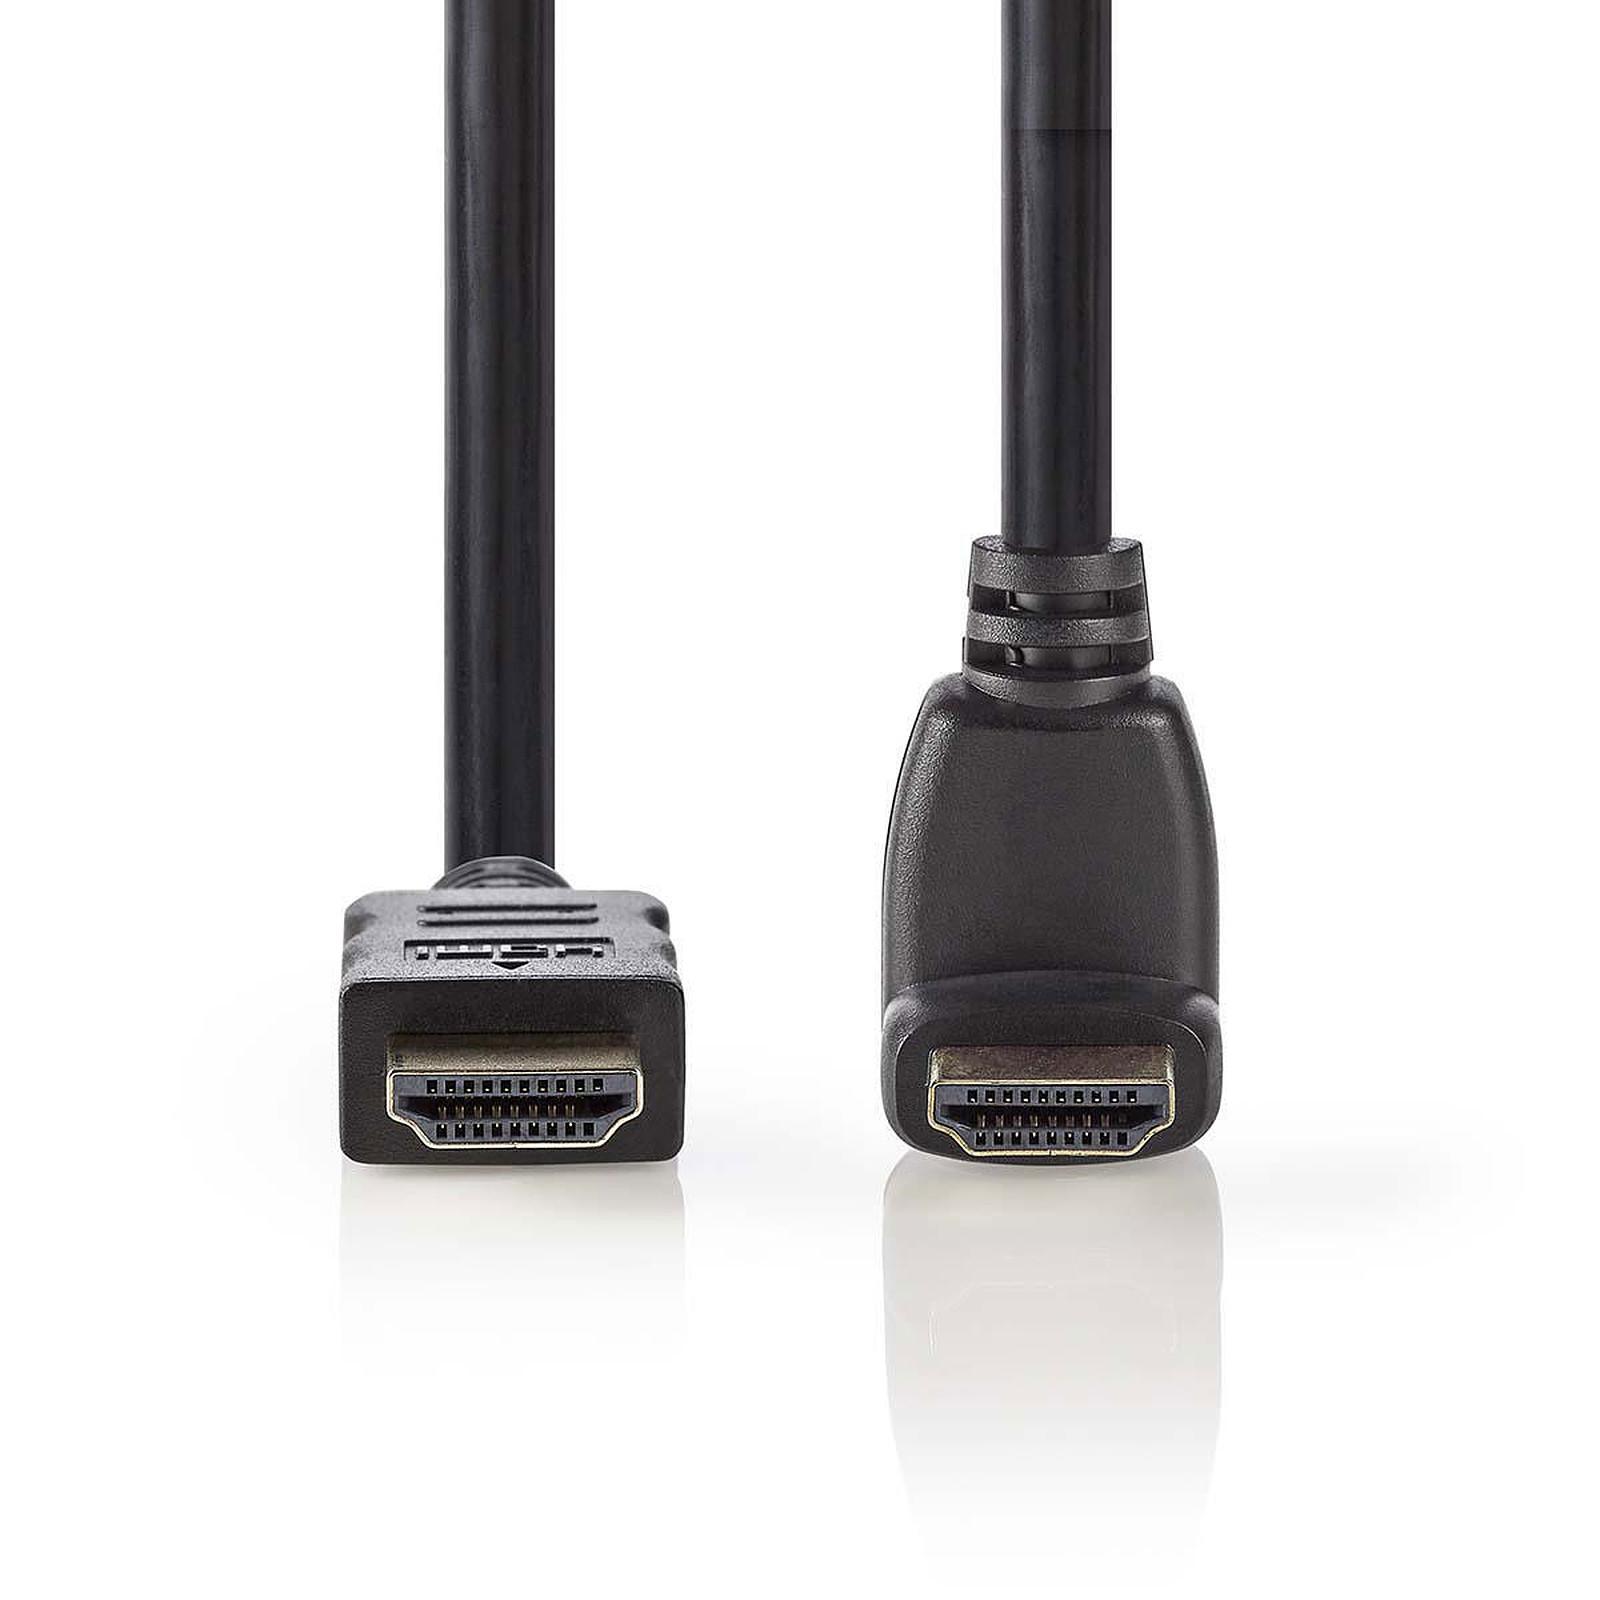 Nedis Câble HDMI coudé à 270° haute vitesse avec Ethernet Noir (1.5 mètre)